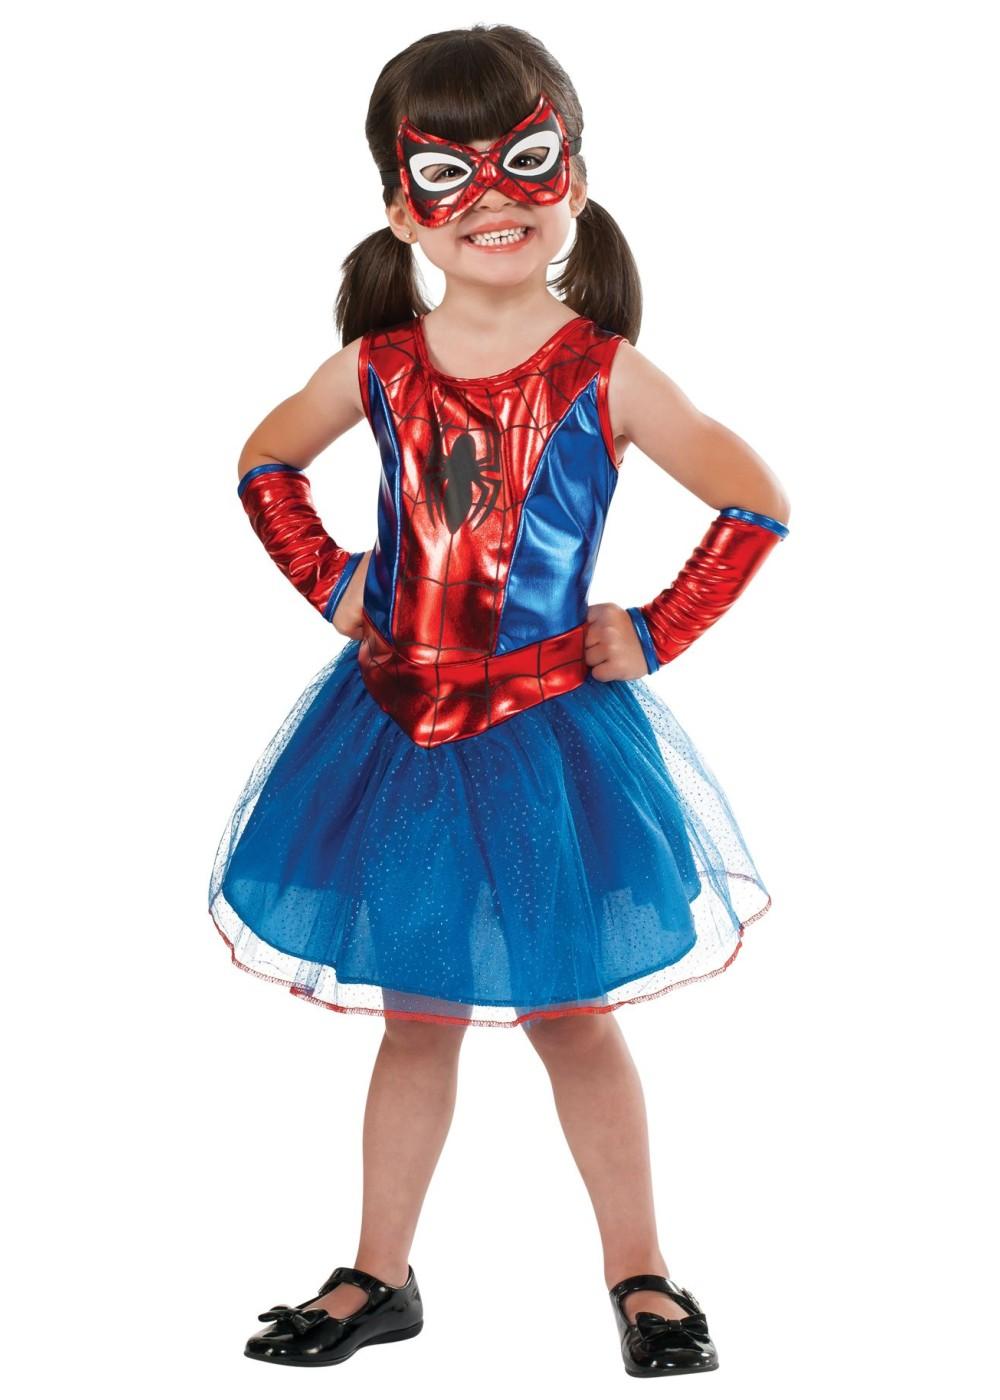 Girls Toddler Spidergirl Costume Superhero Costumes